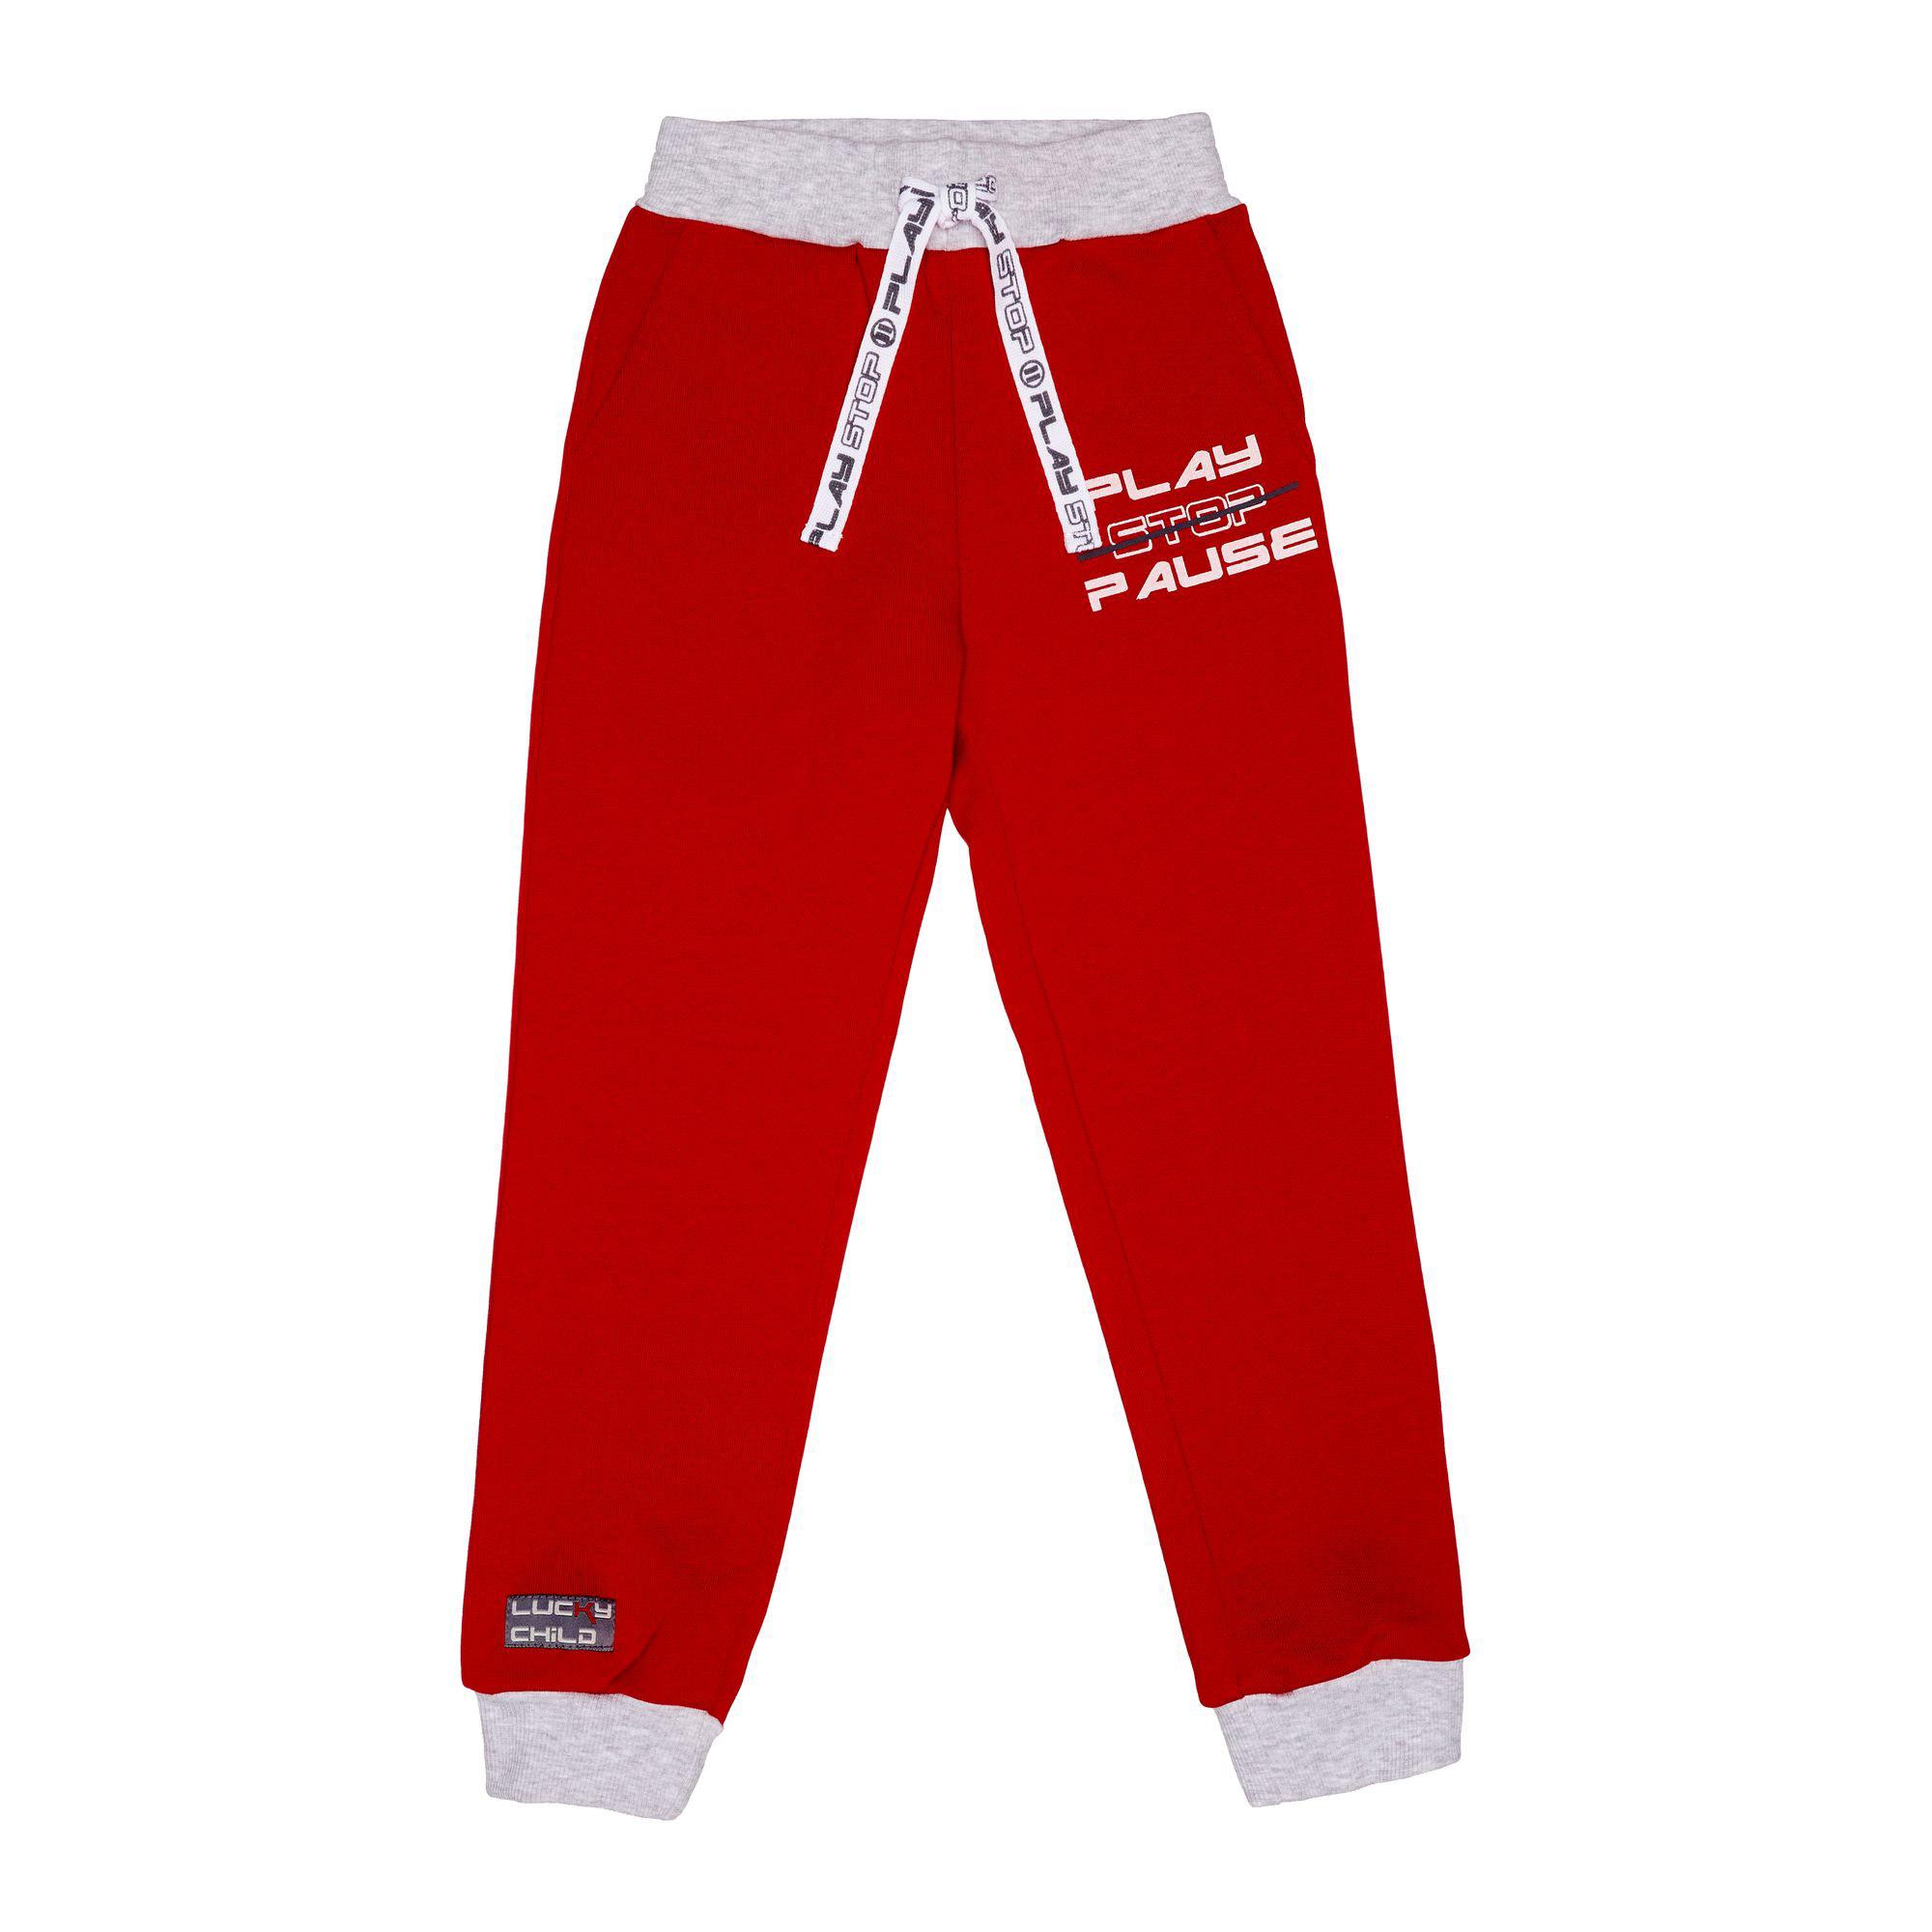 Купить Спортивные брюки Lucky Child Больше пространства красные 98-104, Красный, Футер, Для мальчиков, Осень-Зима,